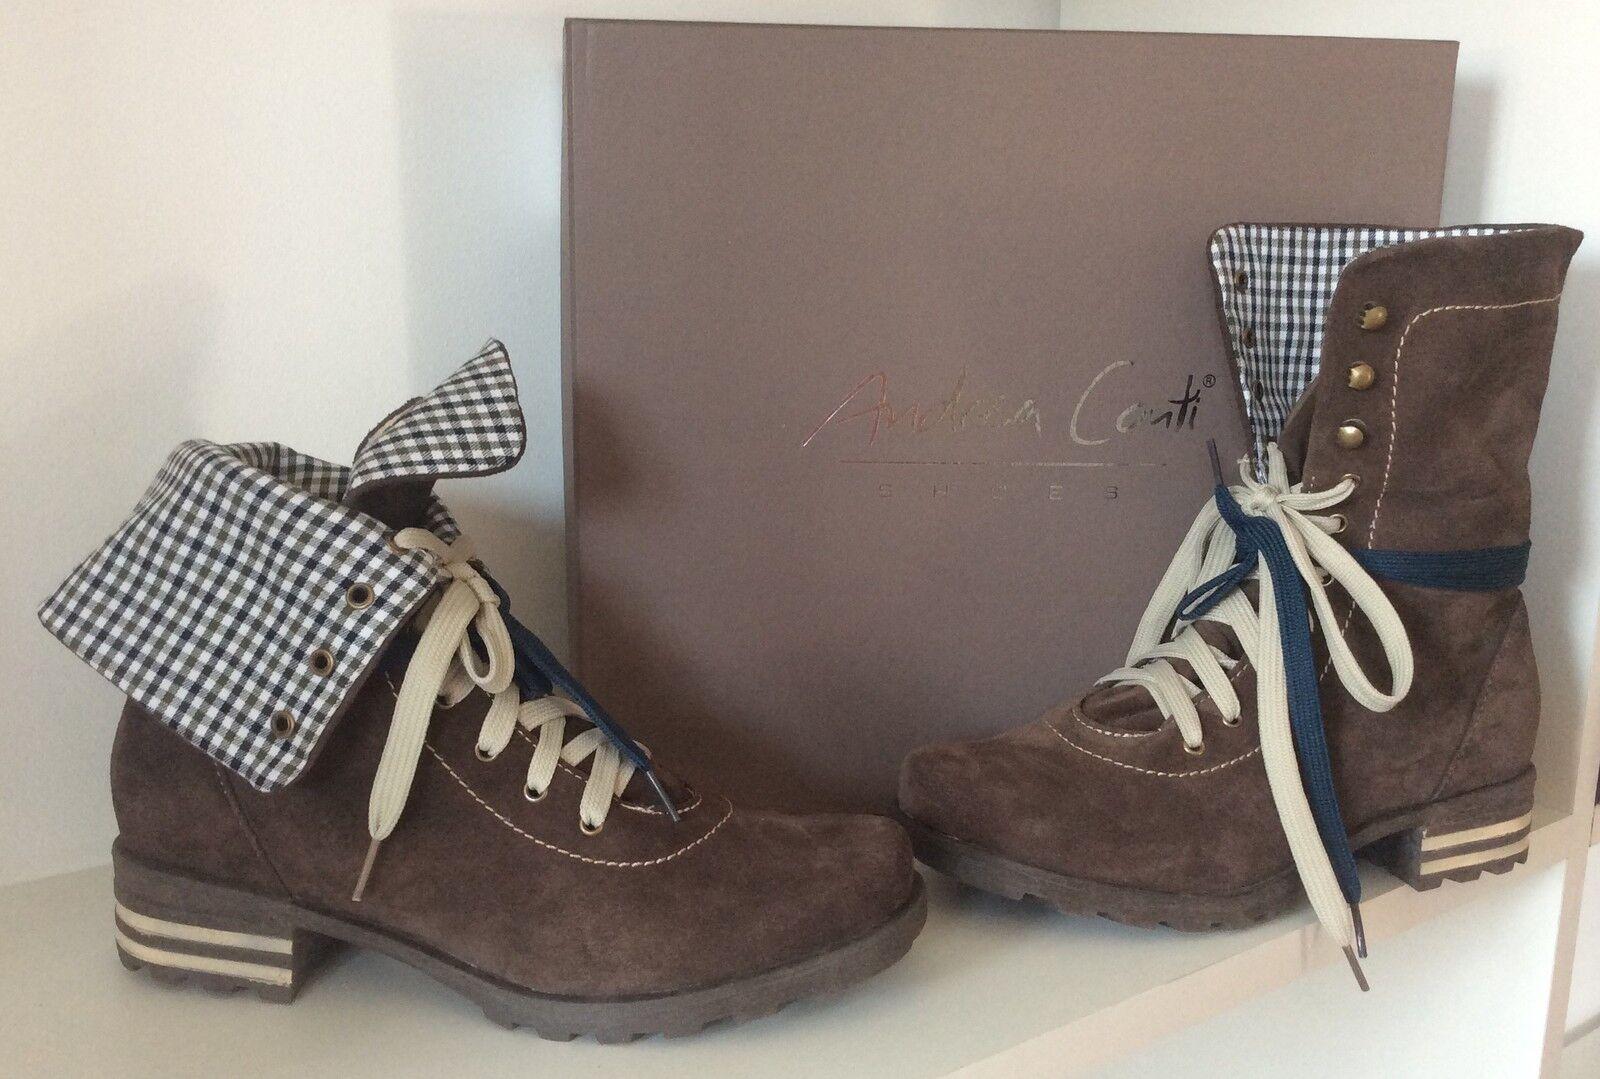 Trachtenschuhe, Stiefeletten, Gr. 36, Ankle Stiefel, braun, Stiefelies, blogger,  | Moderater Preis